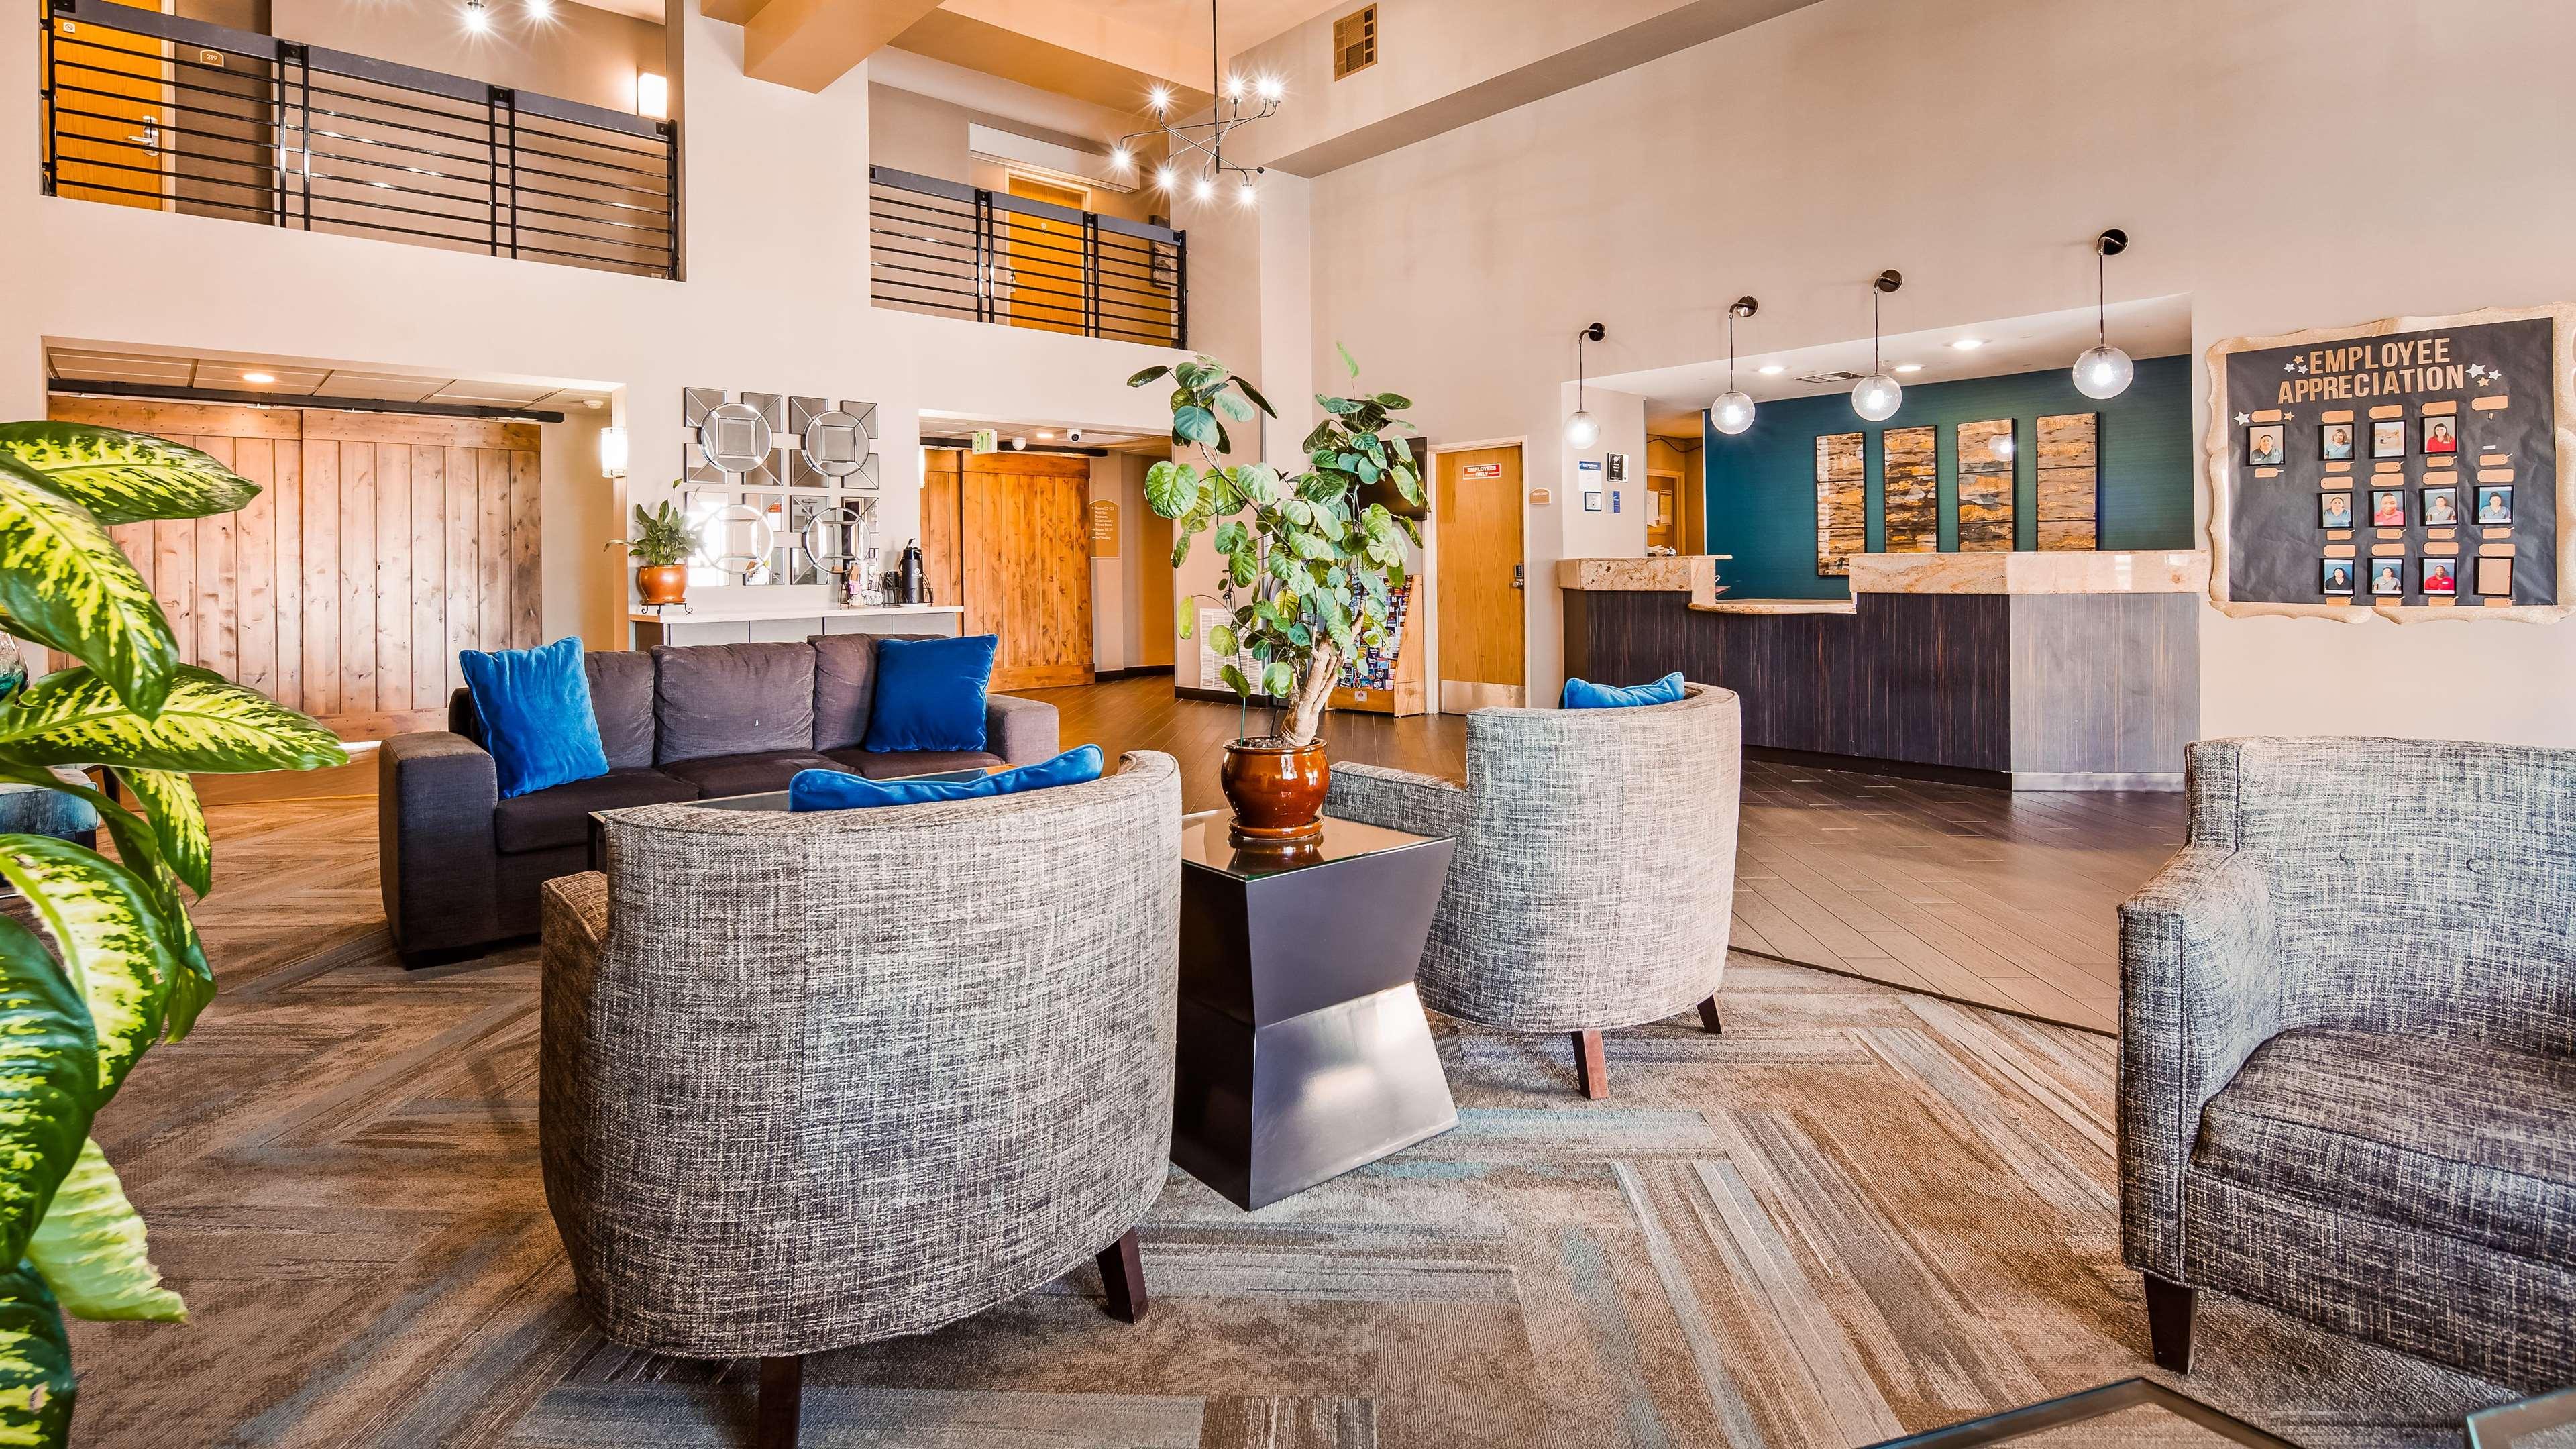 Best Western Plus North Las Vegas Inn & Suites image 2